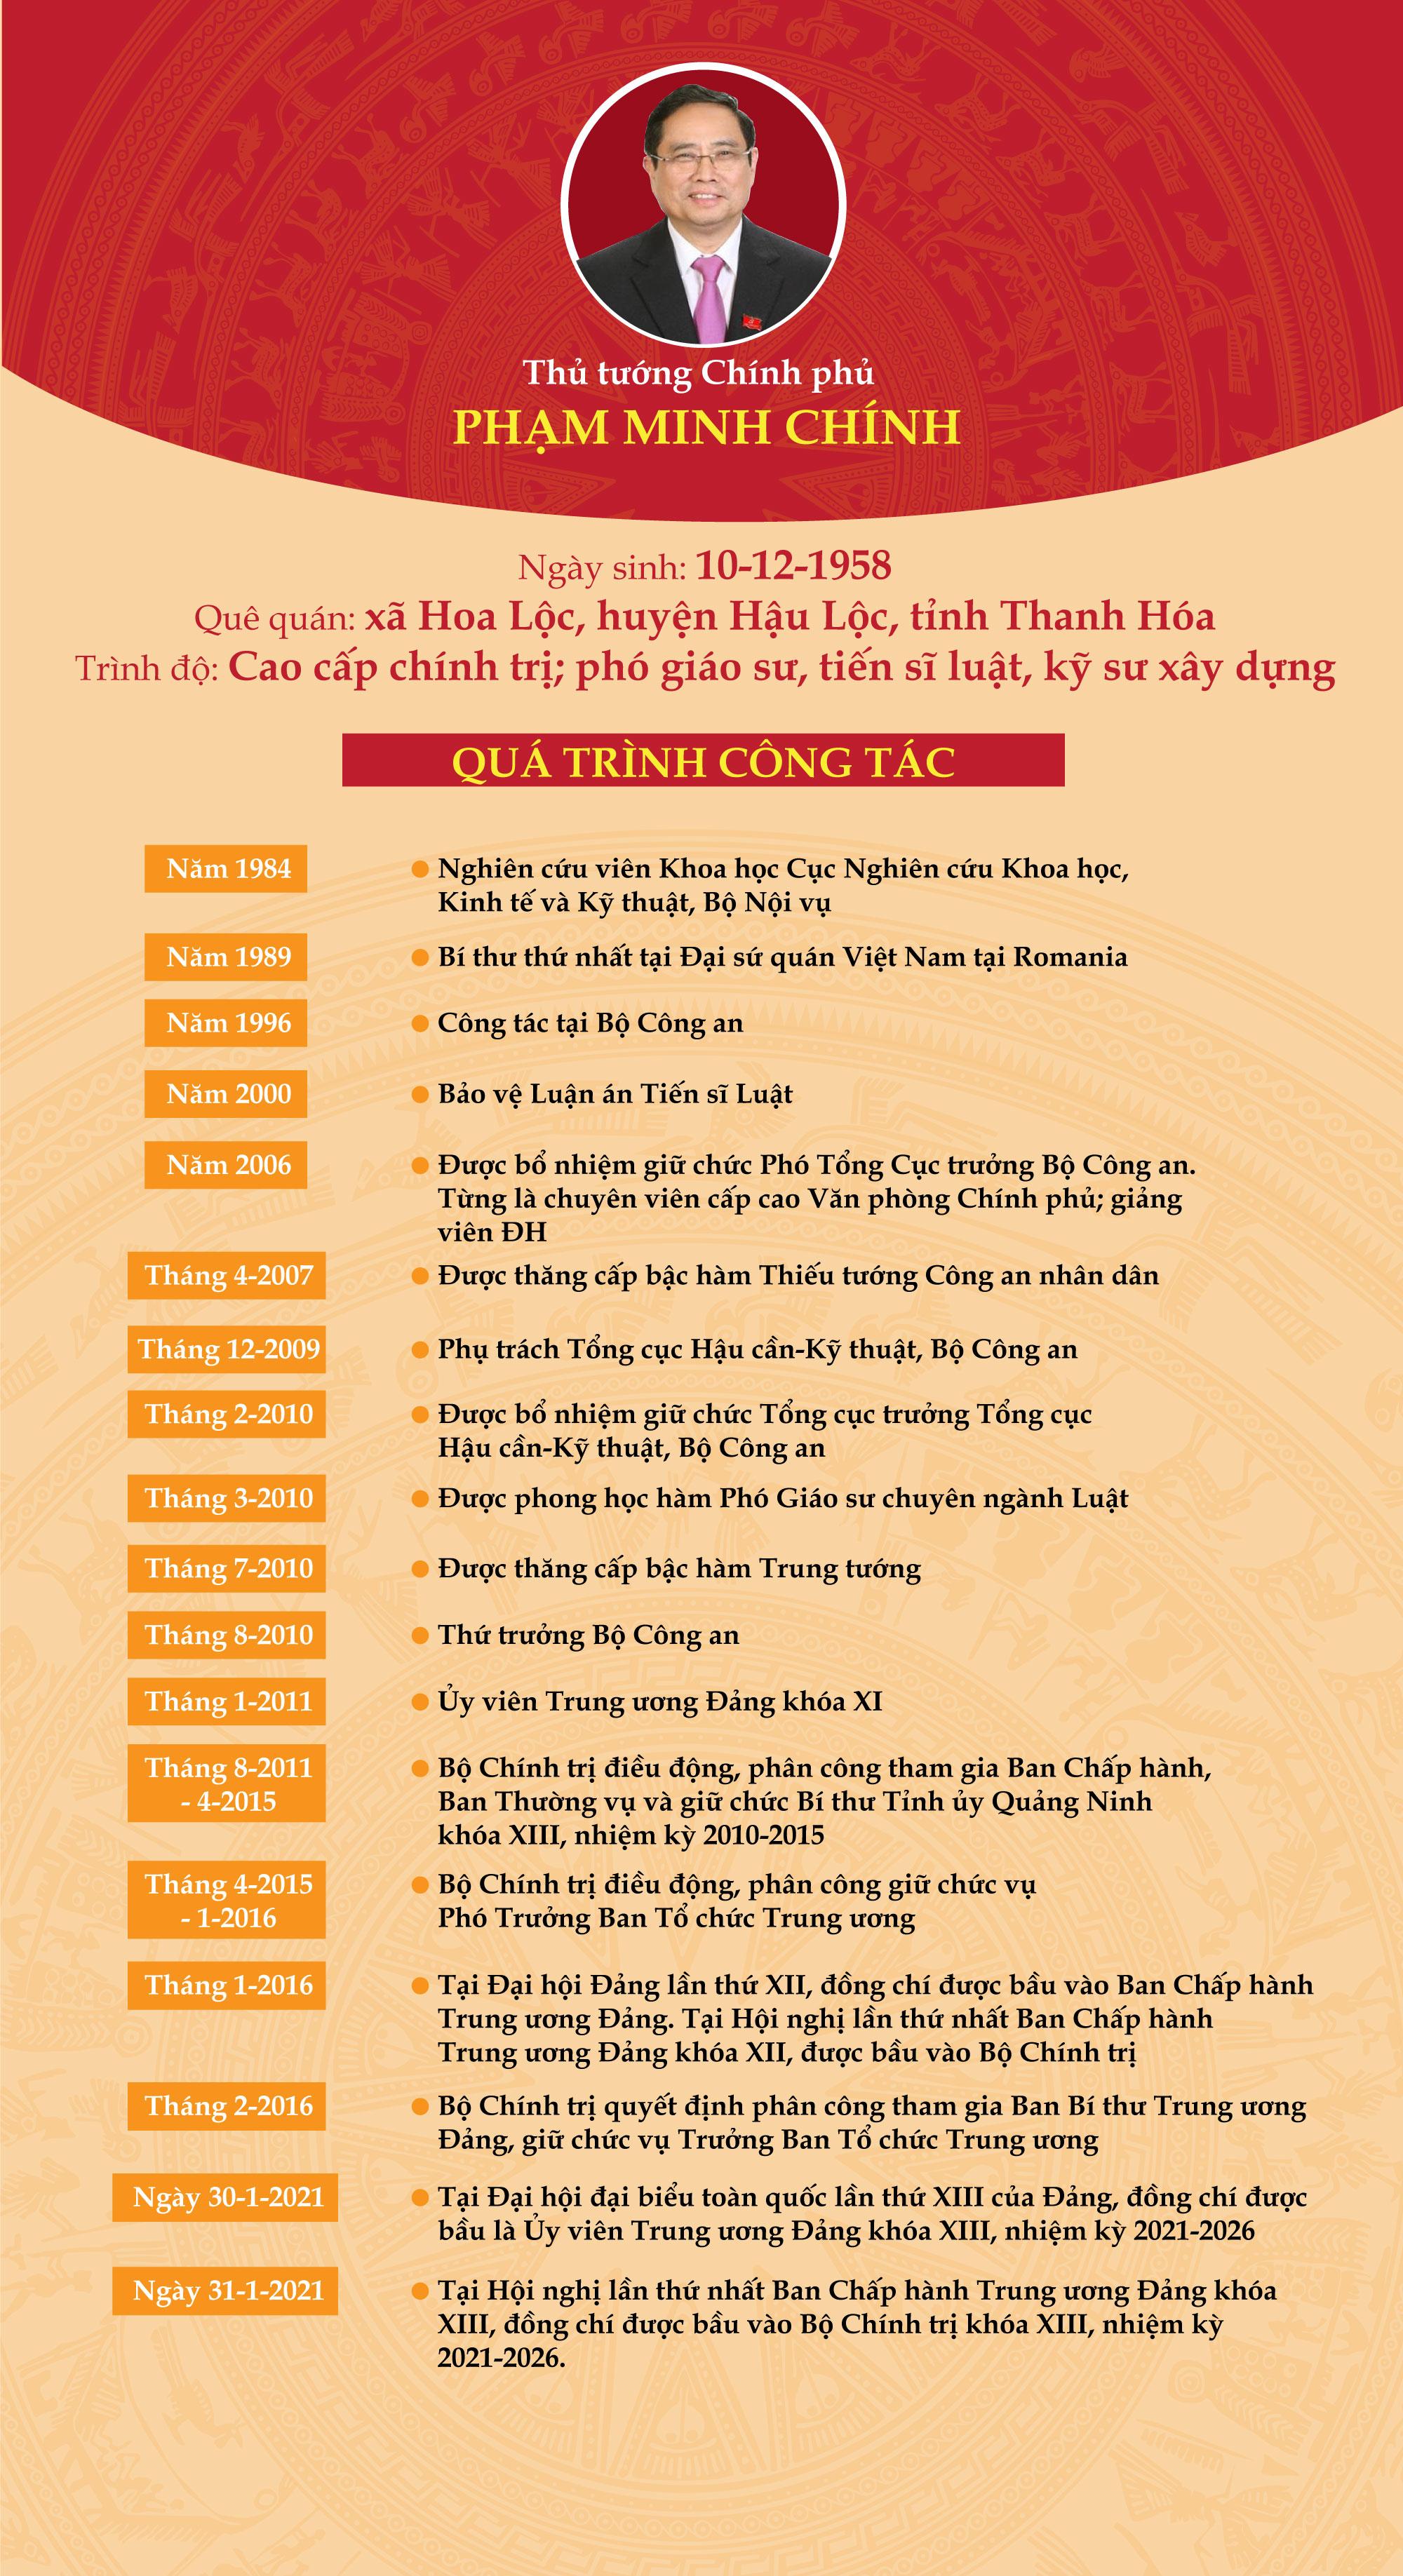 Tóm tắt tiểu sử của tân Thủ tướng Phạm Minh Chính - Ảnh 1.